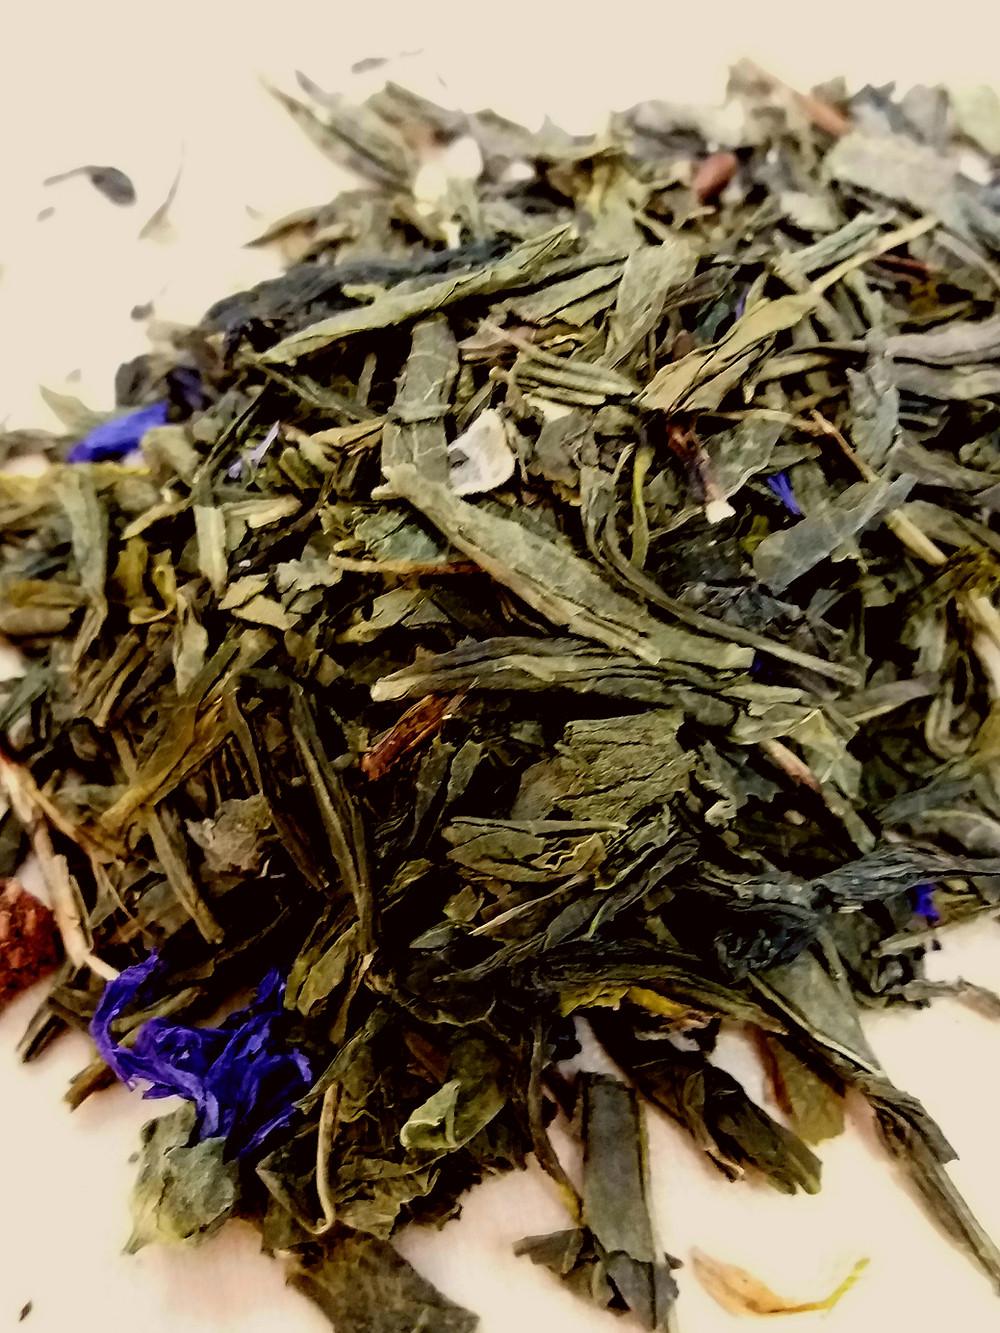 Tea leaf in it's natural form.